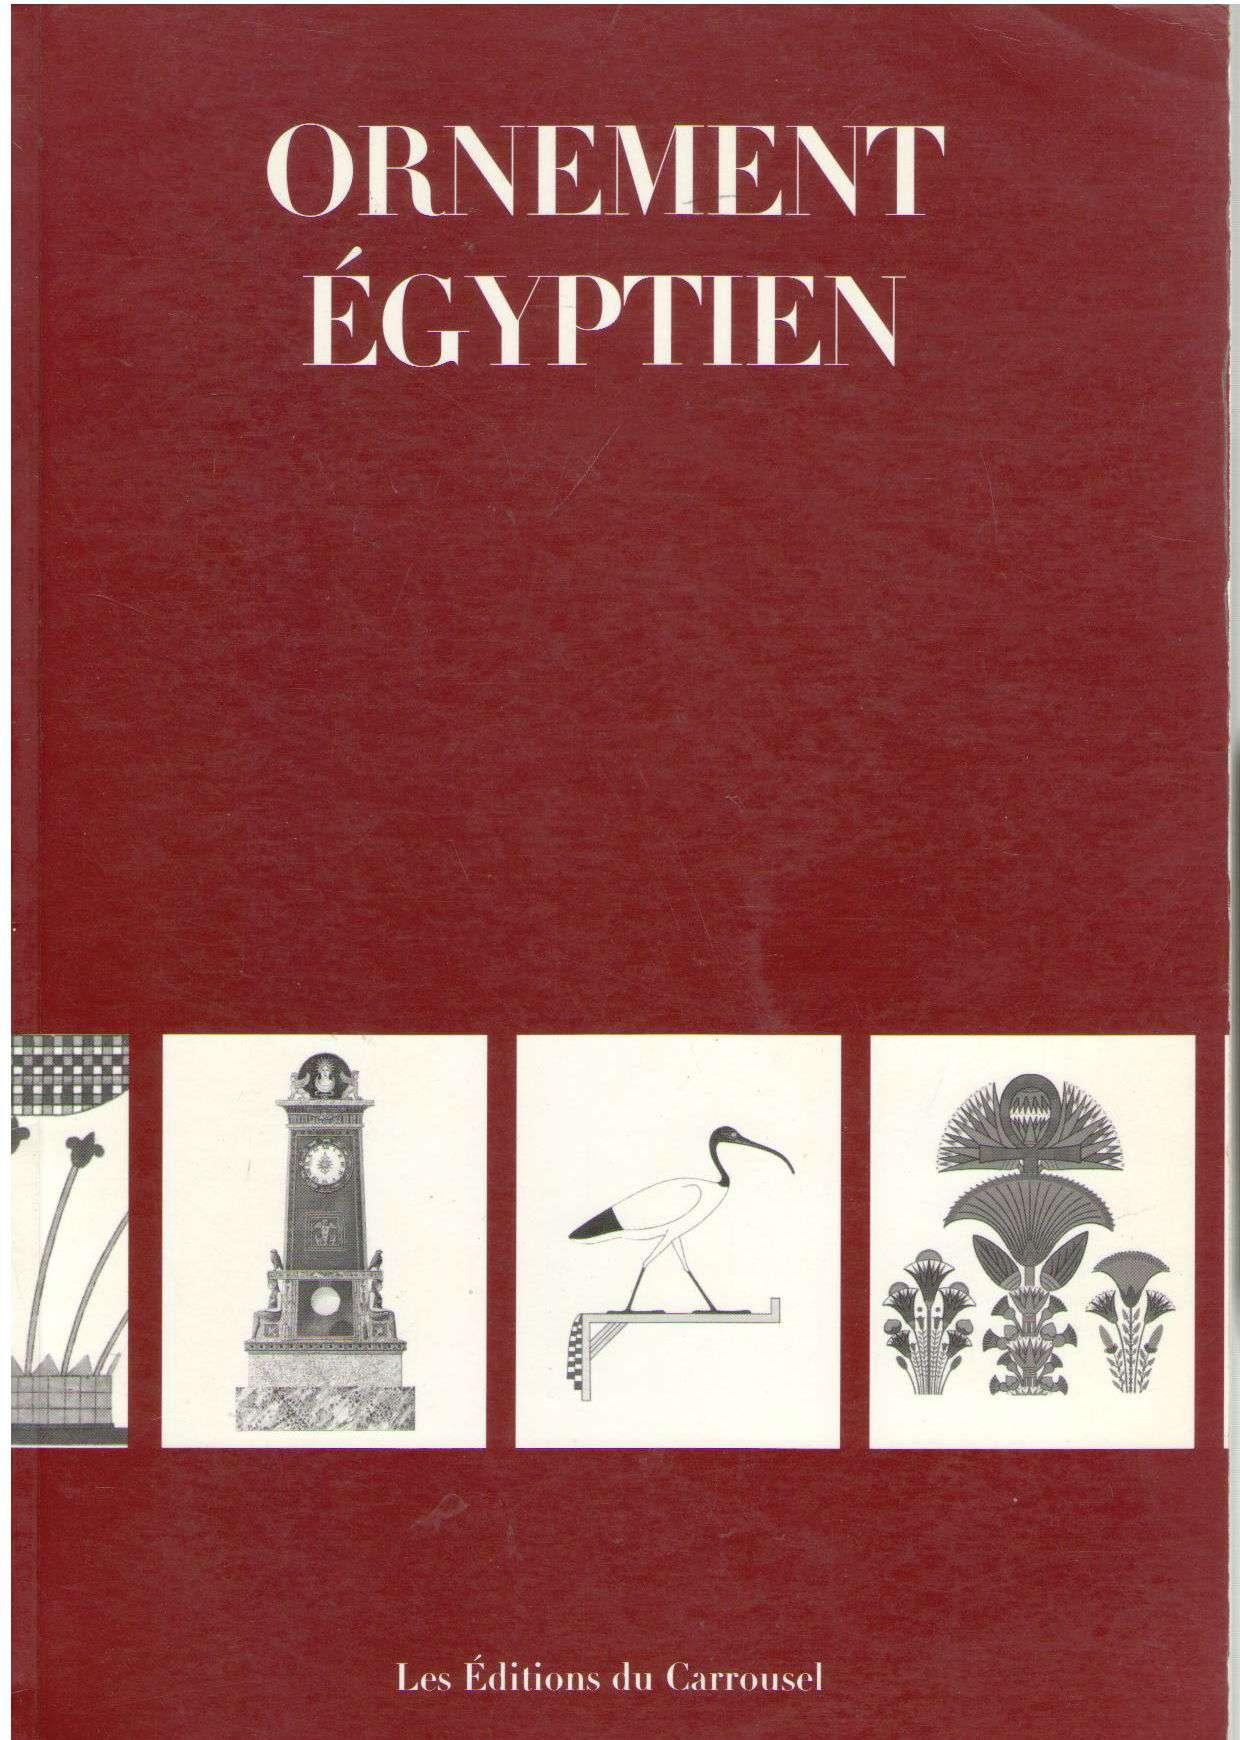 Ornement Egyptien, Carr, Les Editions Du